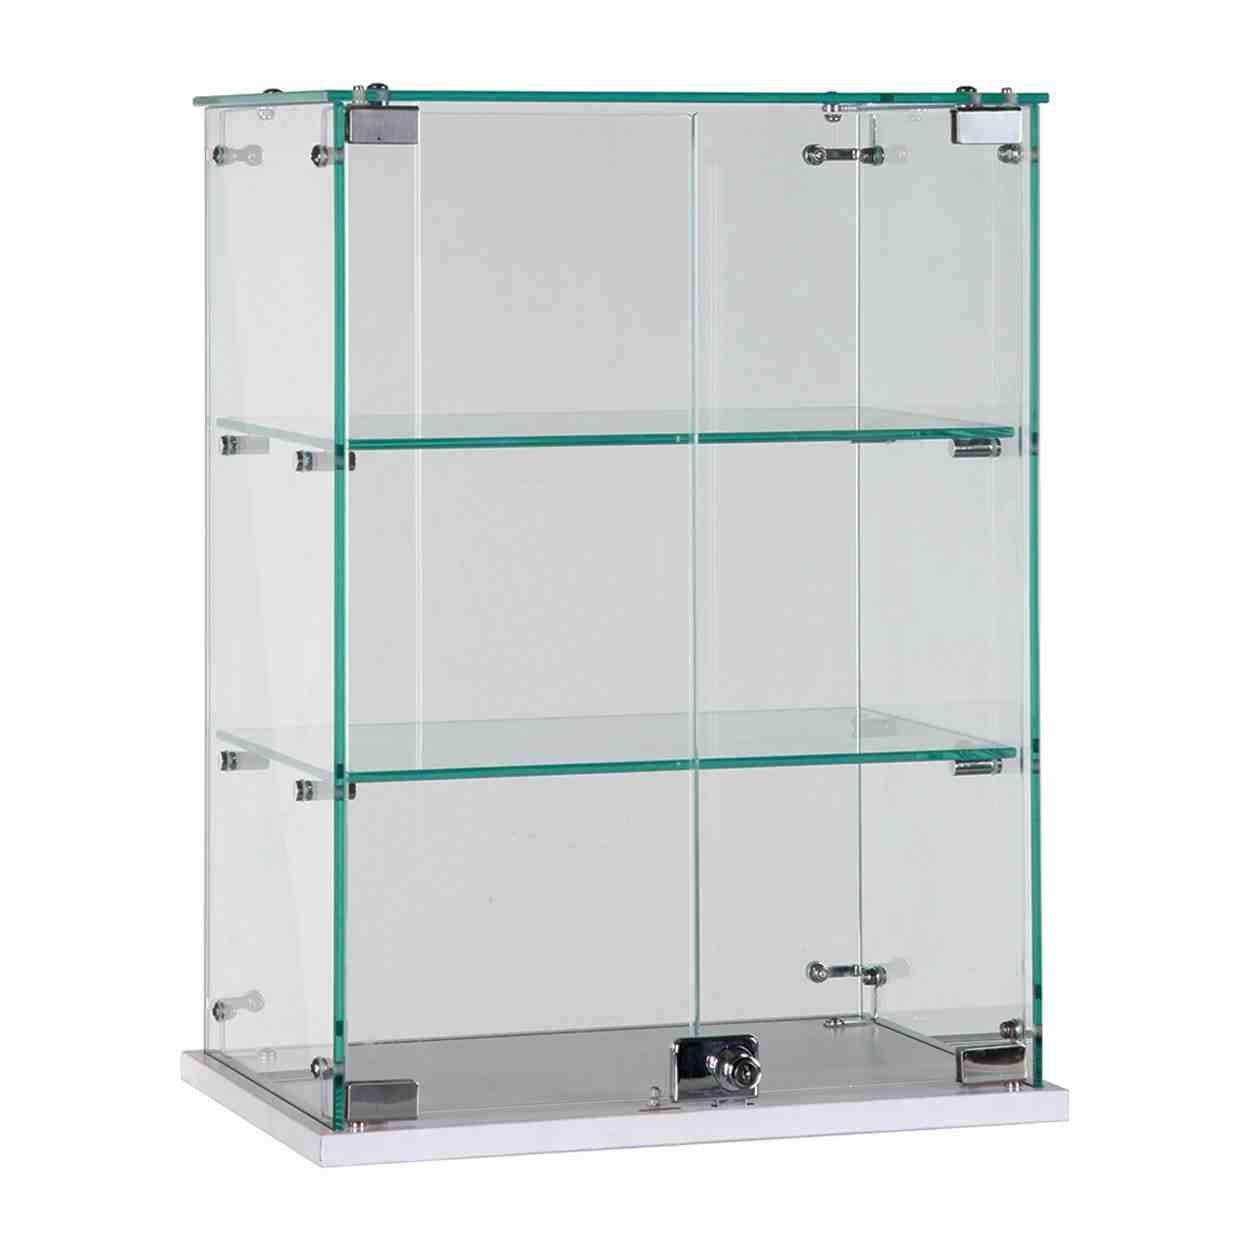 Glass Retail Shelving Glass Shelves In Bathroom Glass Shelves Kitchen Floating Glass Shelves